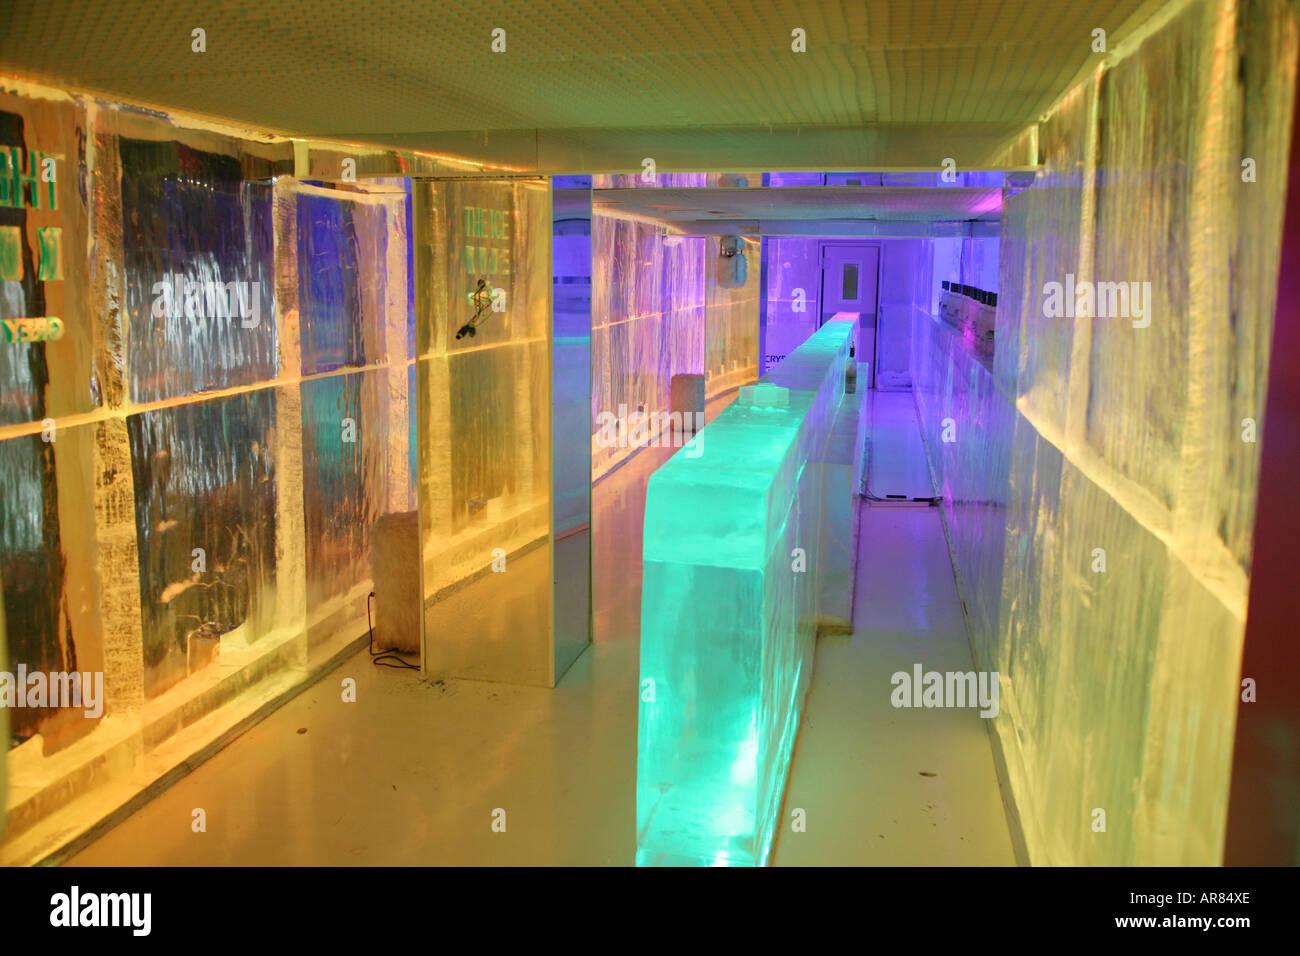 10 bar paris stock photos 10 bar paris stock images alamy for Kube hotel london